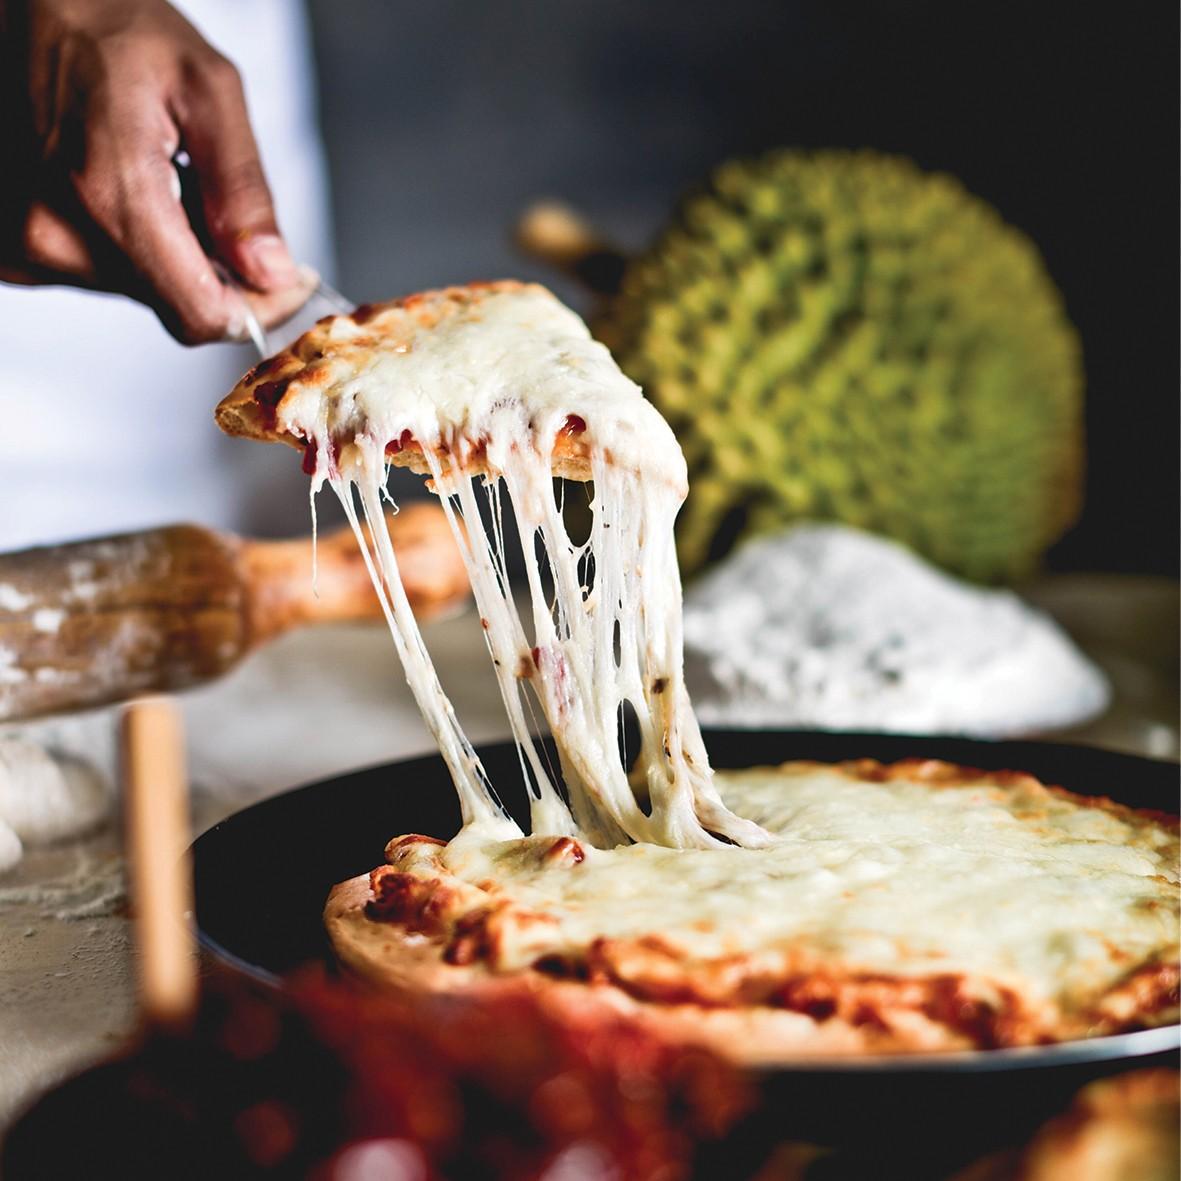 Hết lẩu sầu riêng, giờ người ta còn làm cả pizza sầu riêng nữa - Ảnh 6.